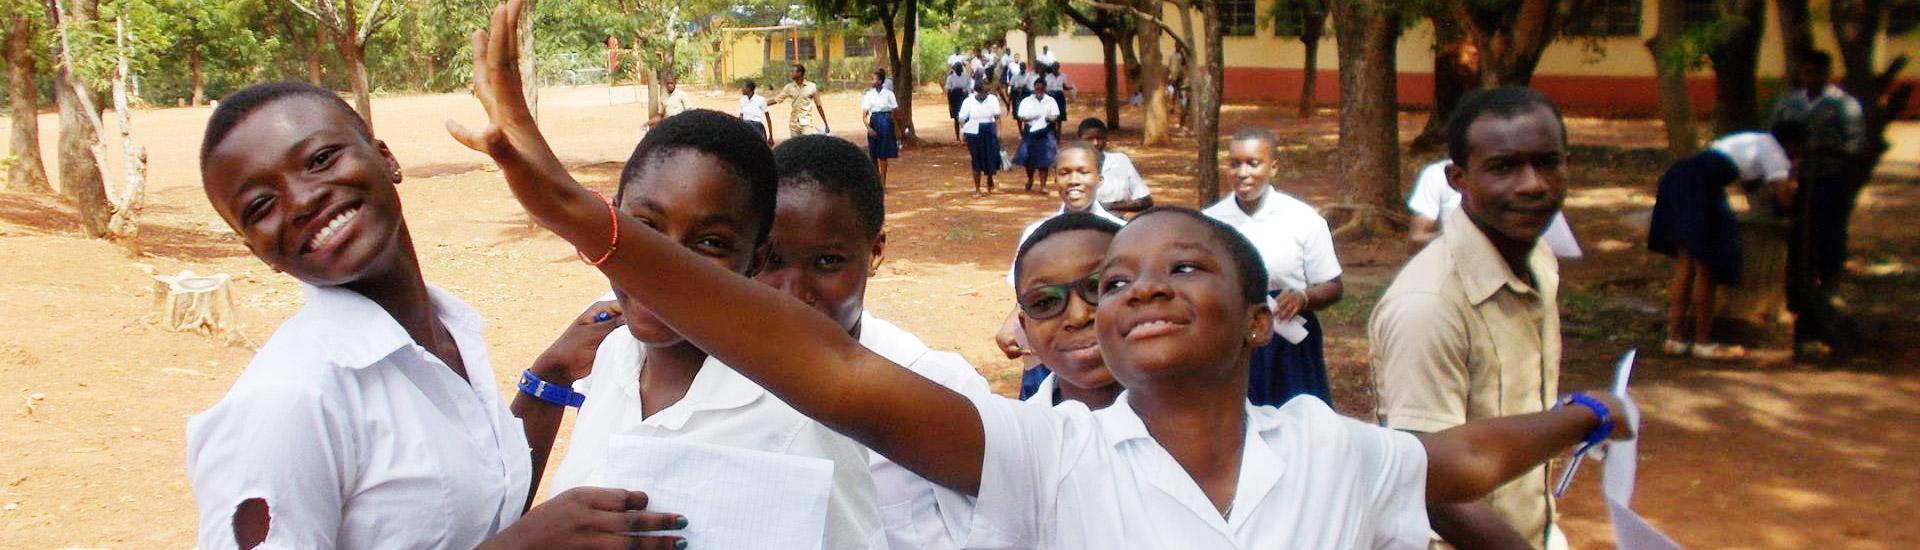 Mejorar la educación de las menores de Costa de Marfil